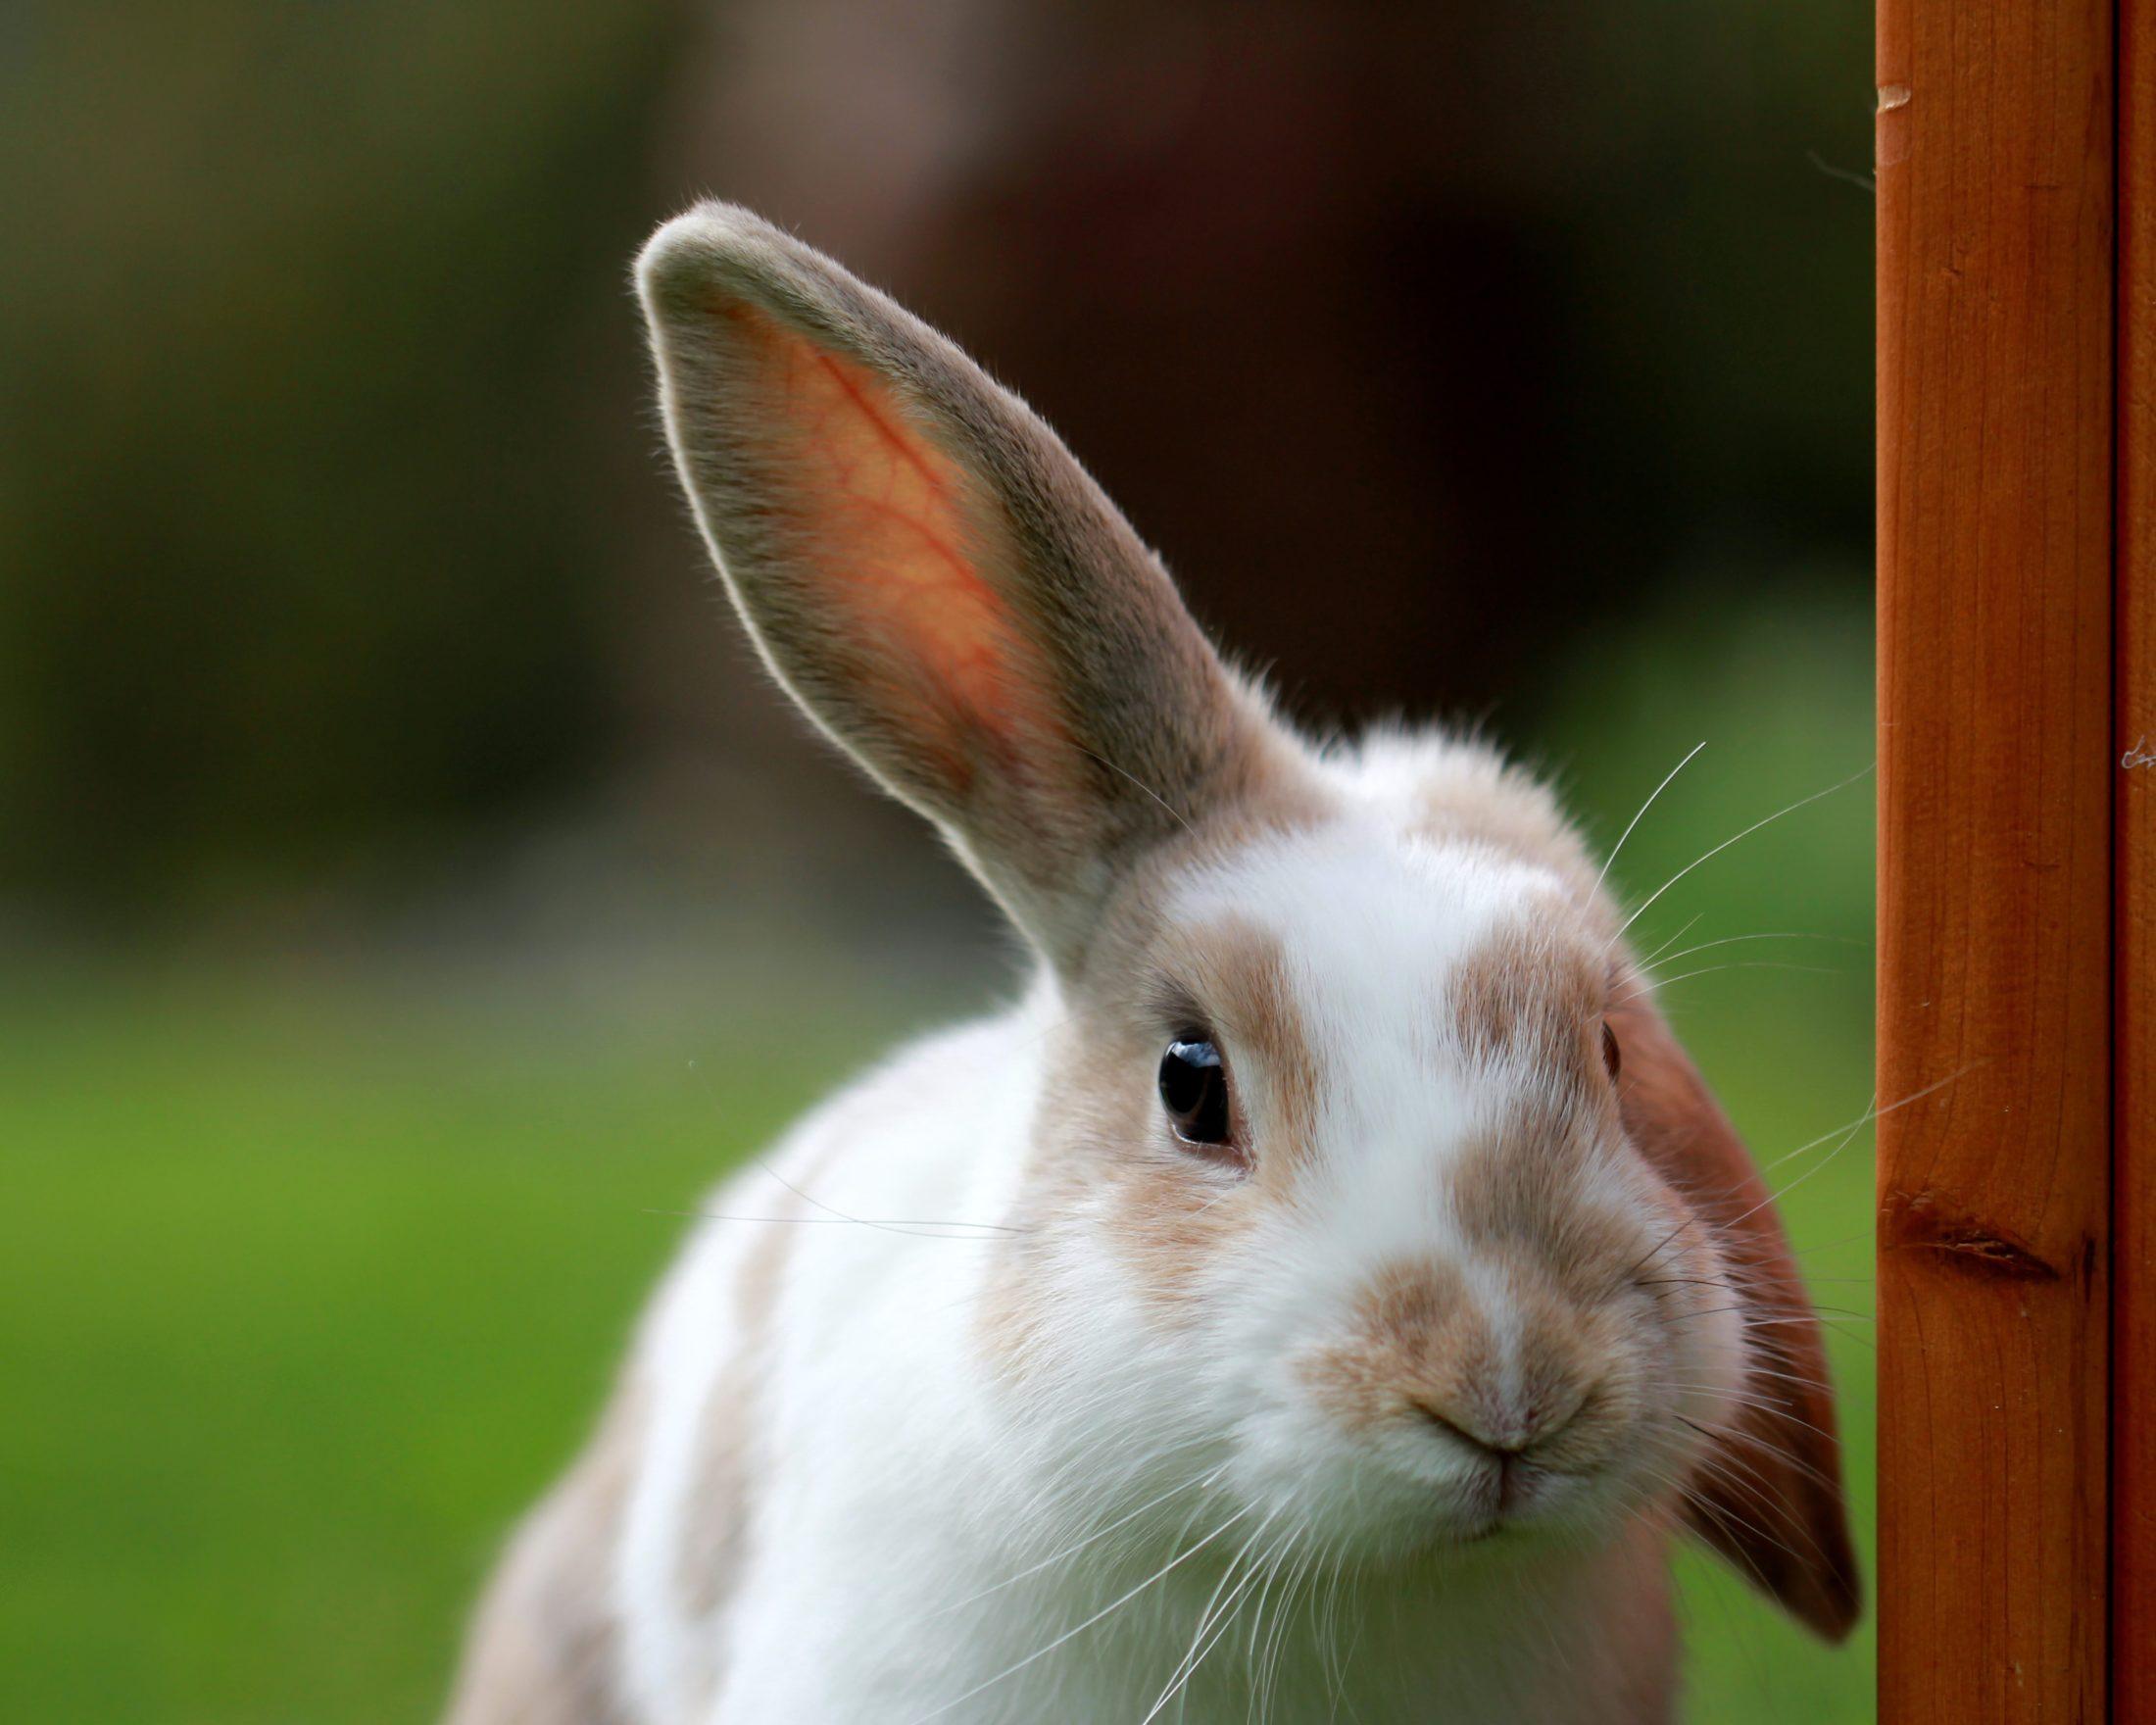 A melhor gaiola para coelho é aquela que proporciona espaço e conforto.